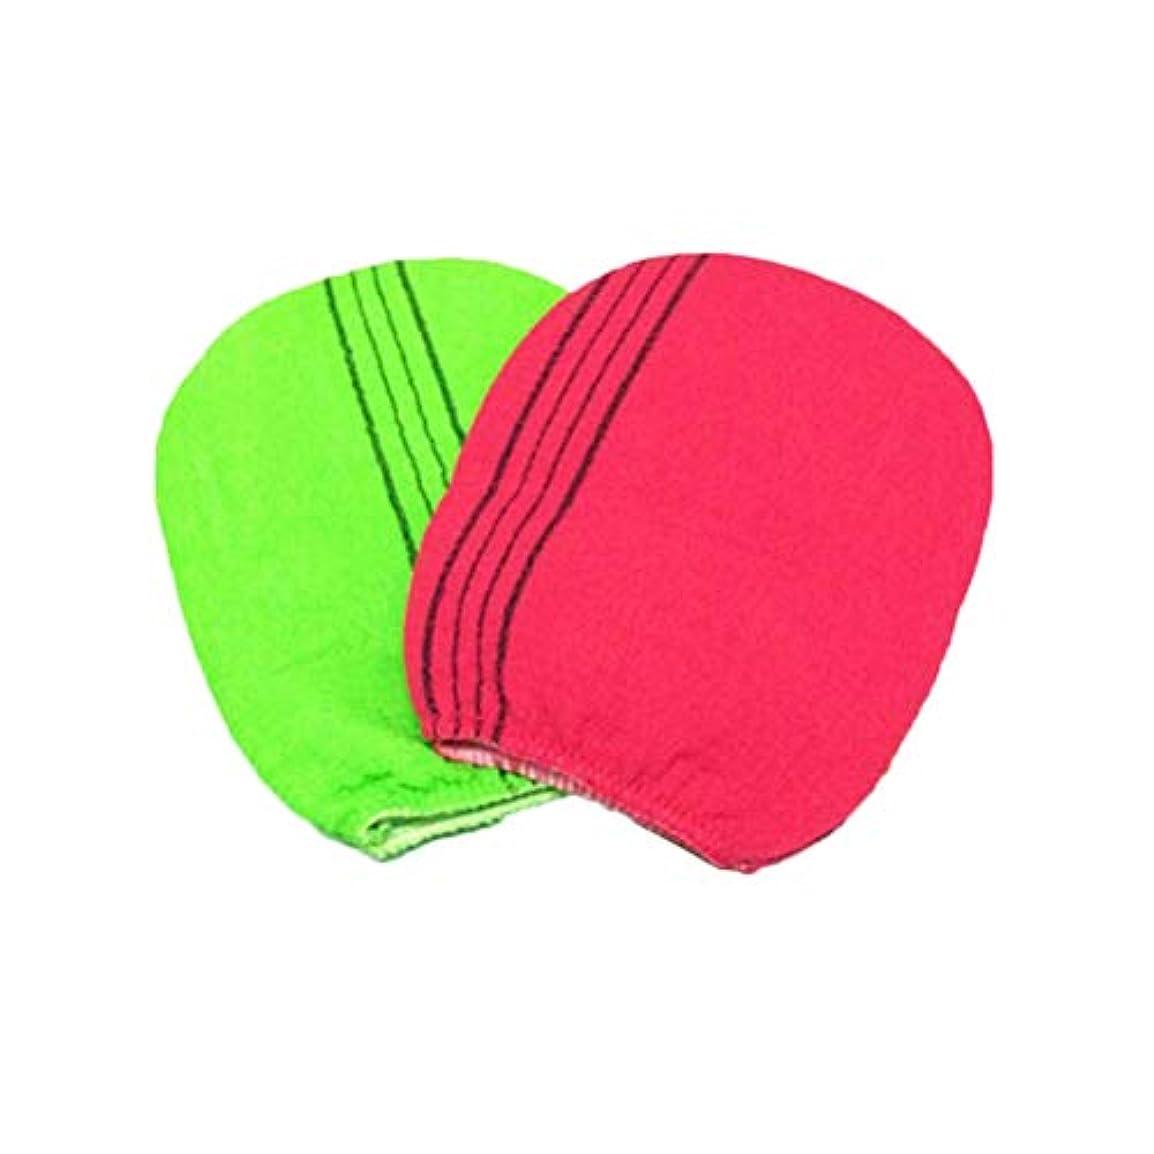 起きるエキスパートオゾンBeaupretty 2ピース入浴手袋風呂ミットラビング手袋剥離手袋シャワーバスタオル(ランダムカラー)